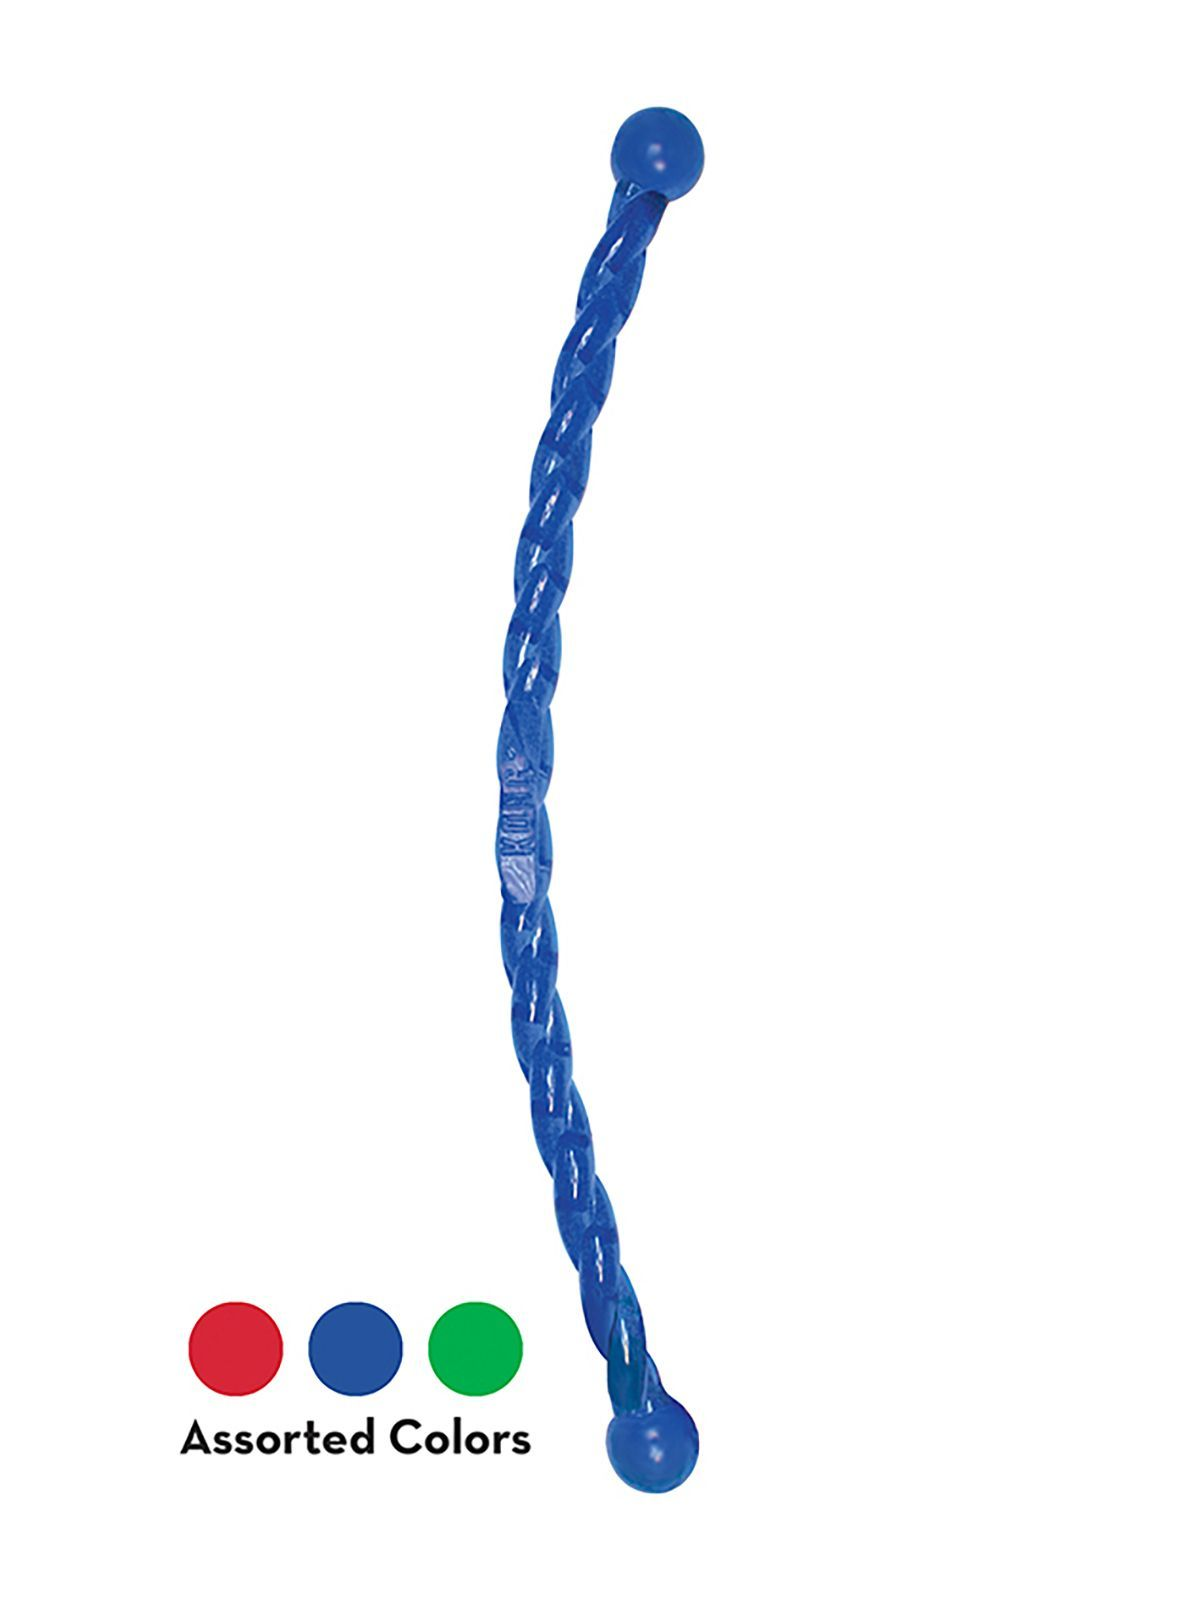 Игрушки Игрушка-аппортировка для собак KONG  Safestix 70 см из синтетической резины большая PF1_1.jpeg